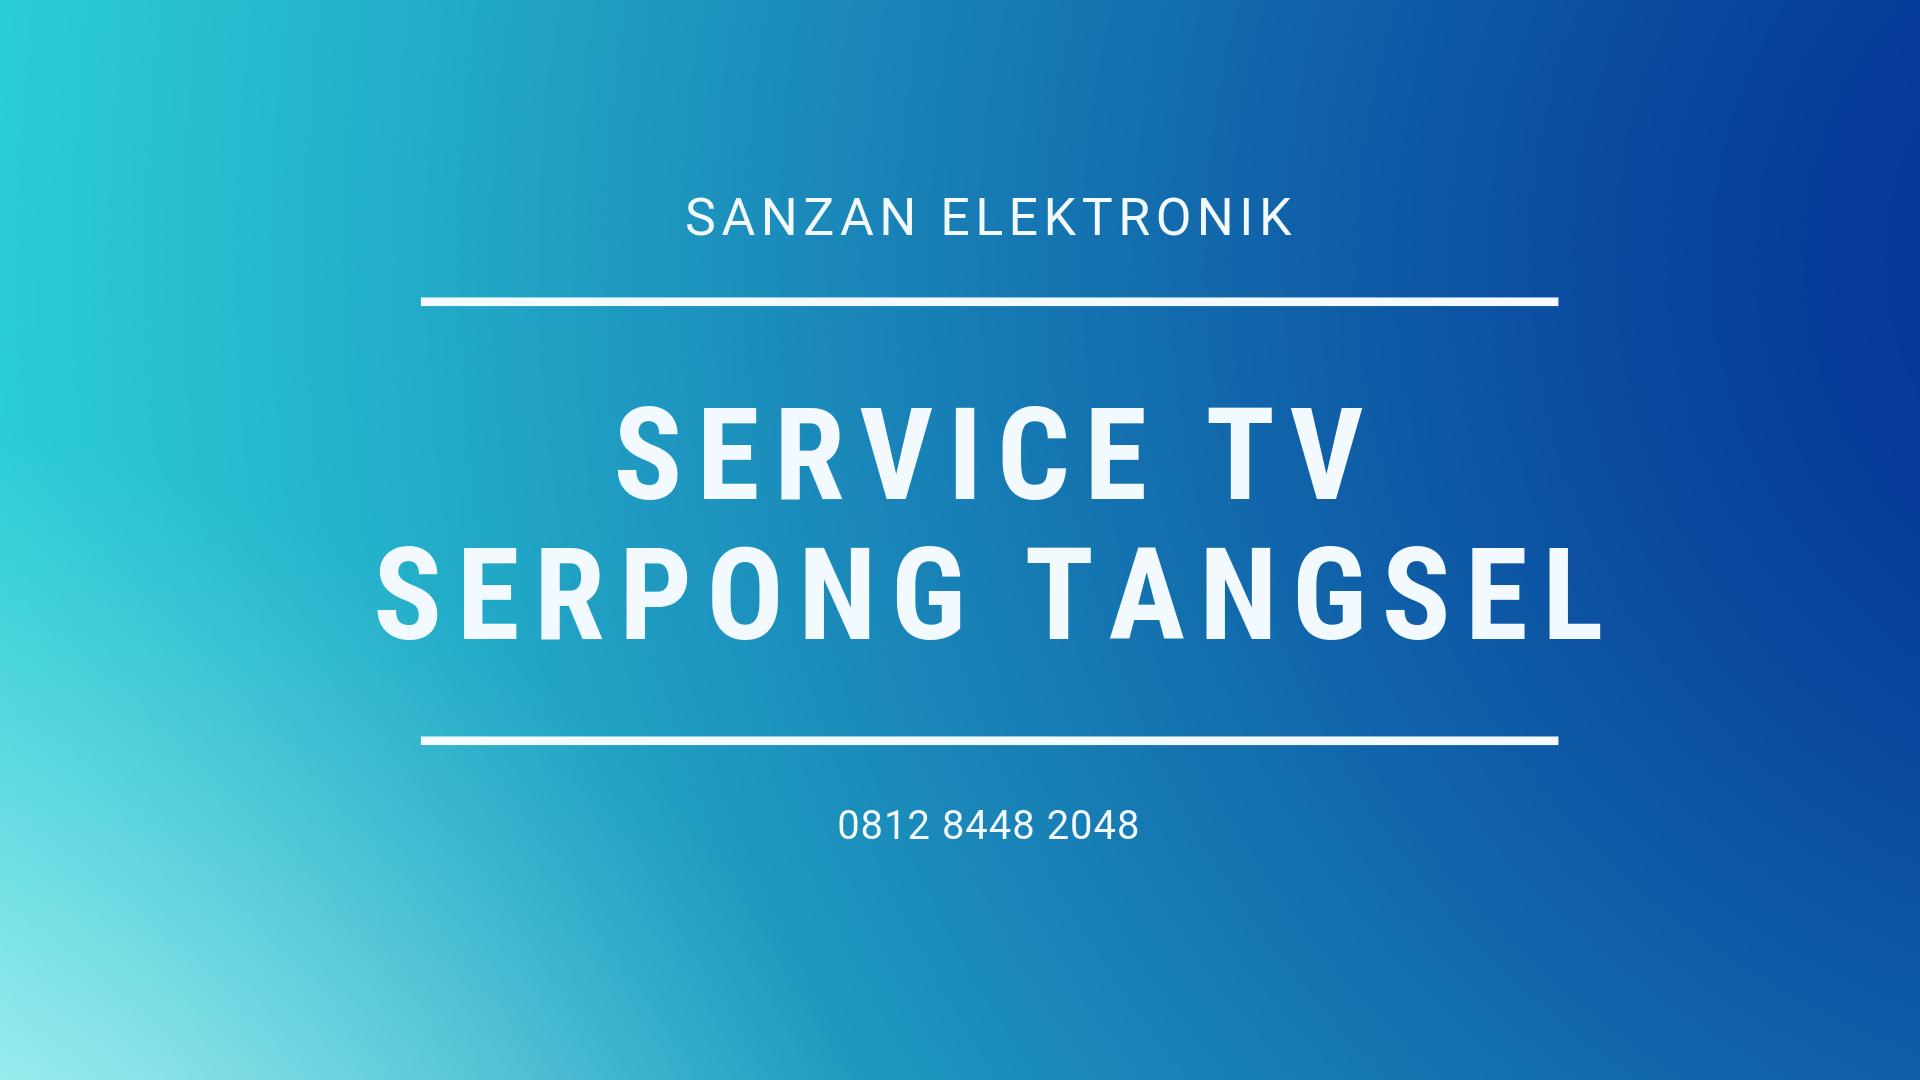 Service TV Serpong Tangsel